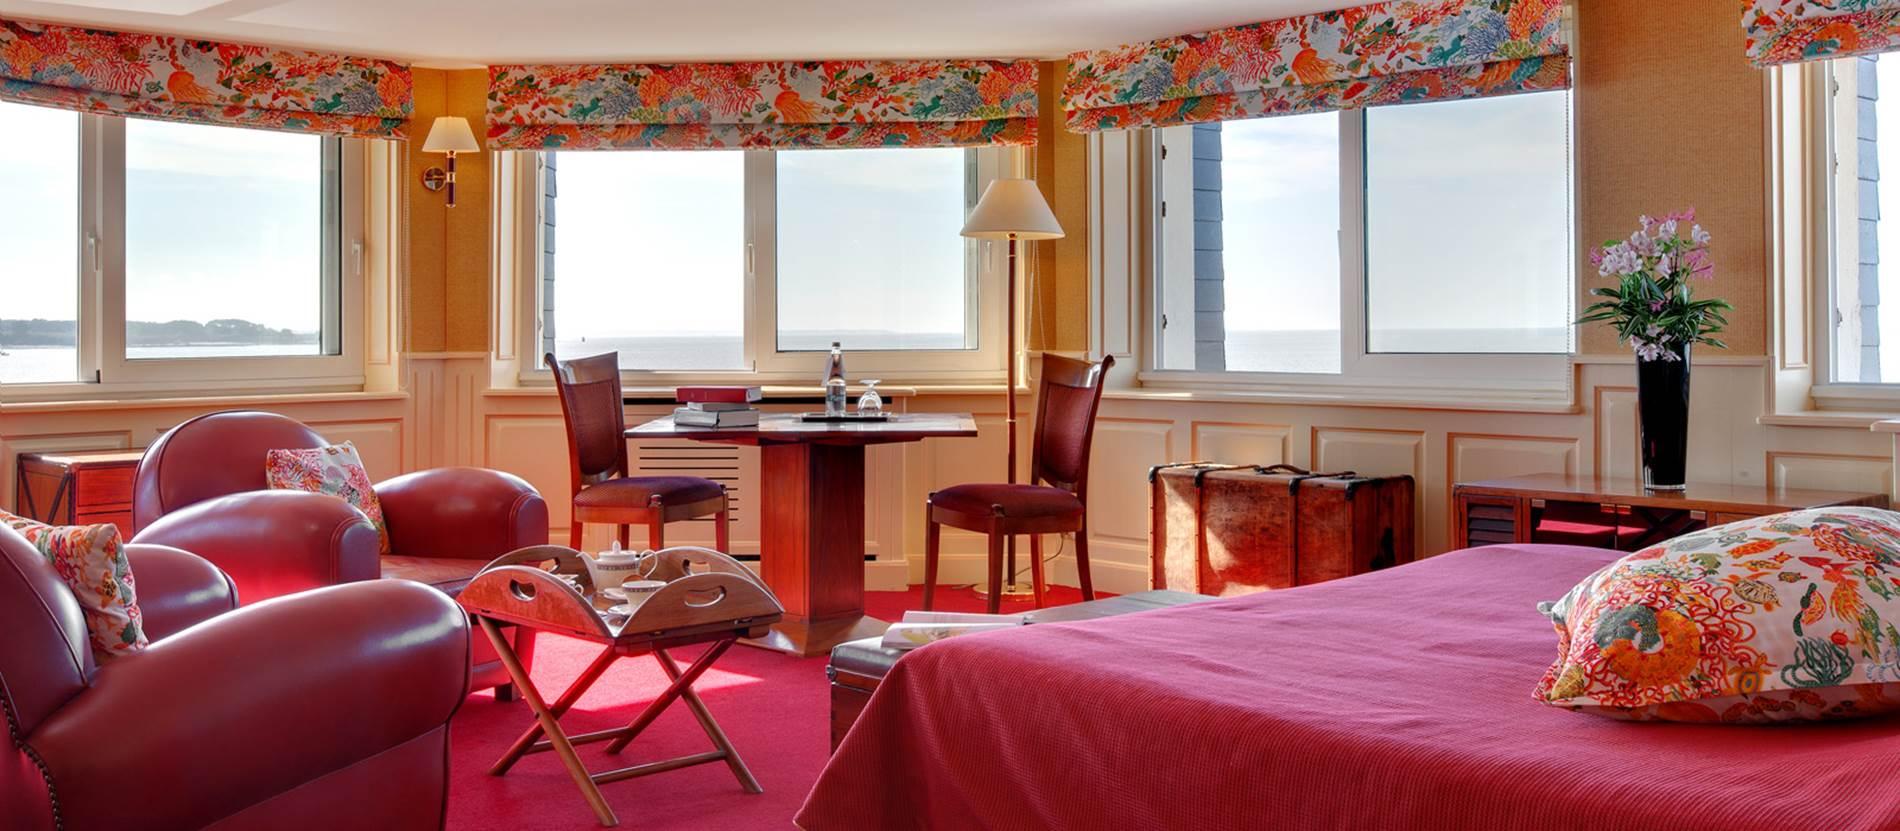 Hôtel-Domaine-de-Rochevilaine-Billiers-Morbihan-Bretagne-Sud © Hôtel-Domaine-de-Rochevilaine-Billiers